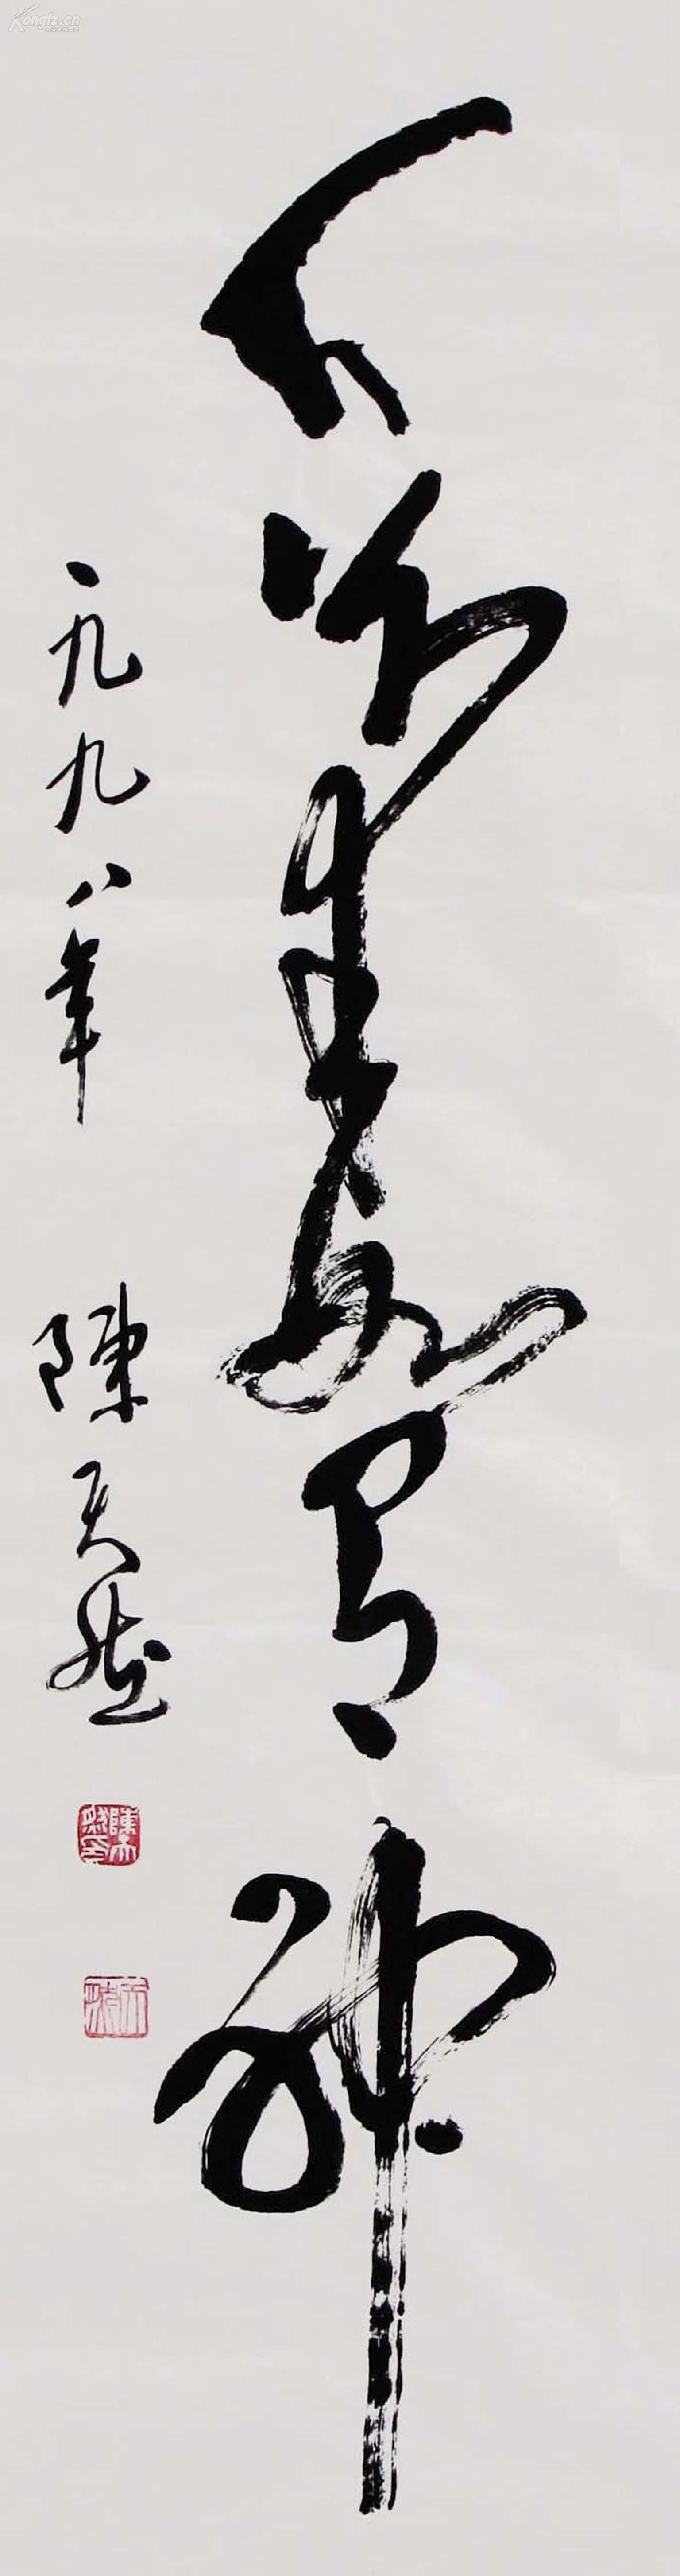 陈天然书法精品★★出价无忧:收货后不满意3日内可退!图片